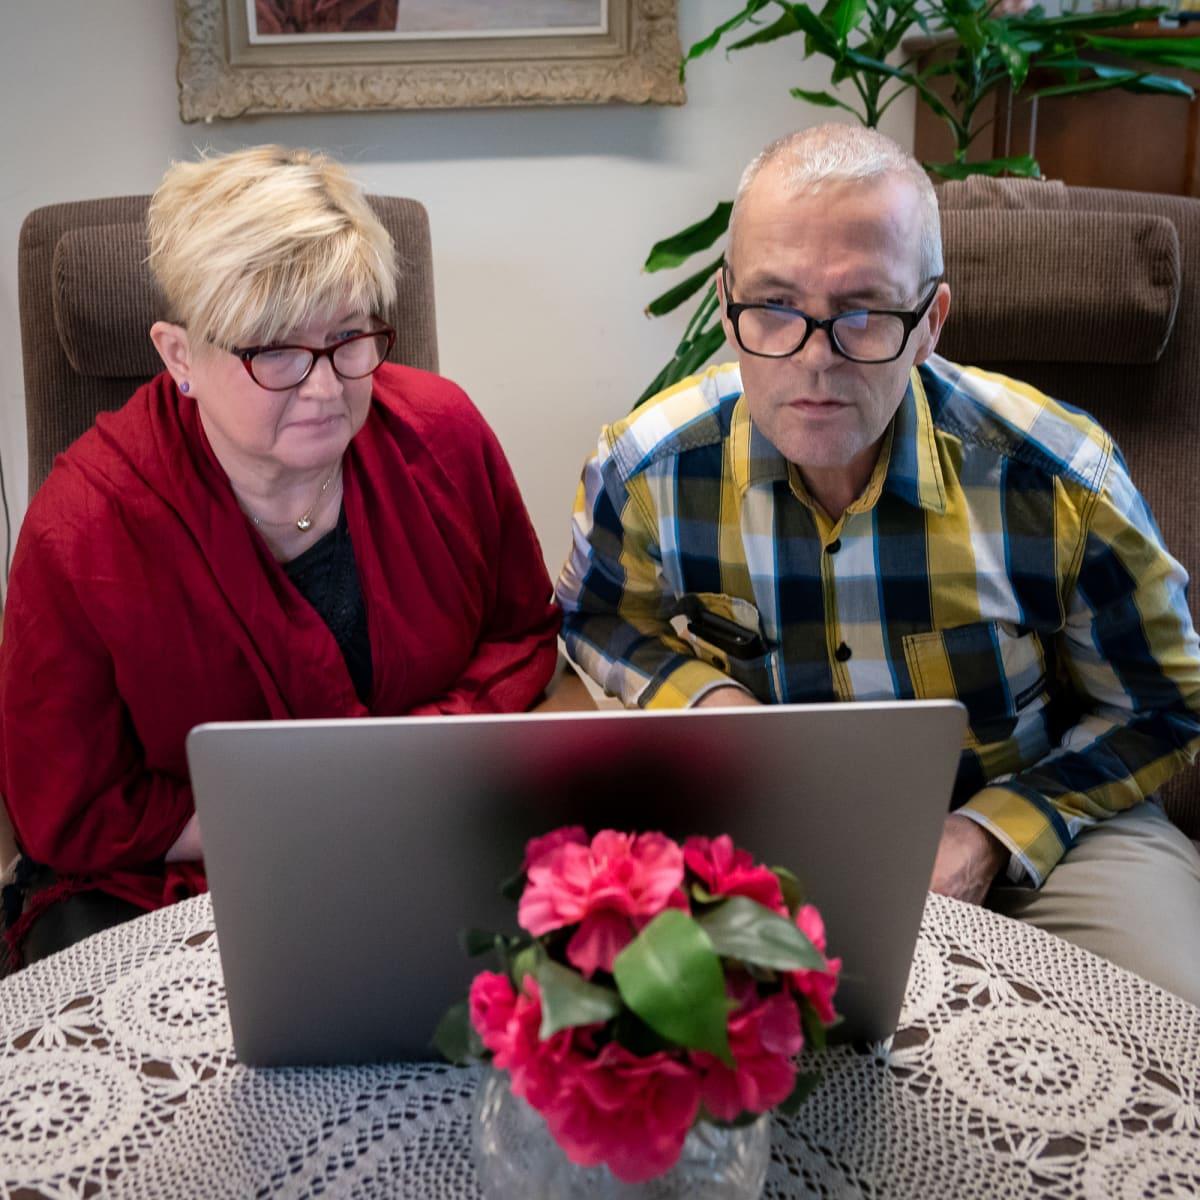 Lasse ja Pirjo Ainasoja  katselevat yhdessä Muistiliiton verkkosivuja.